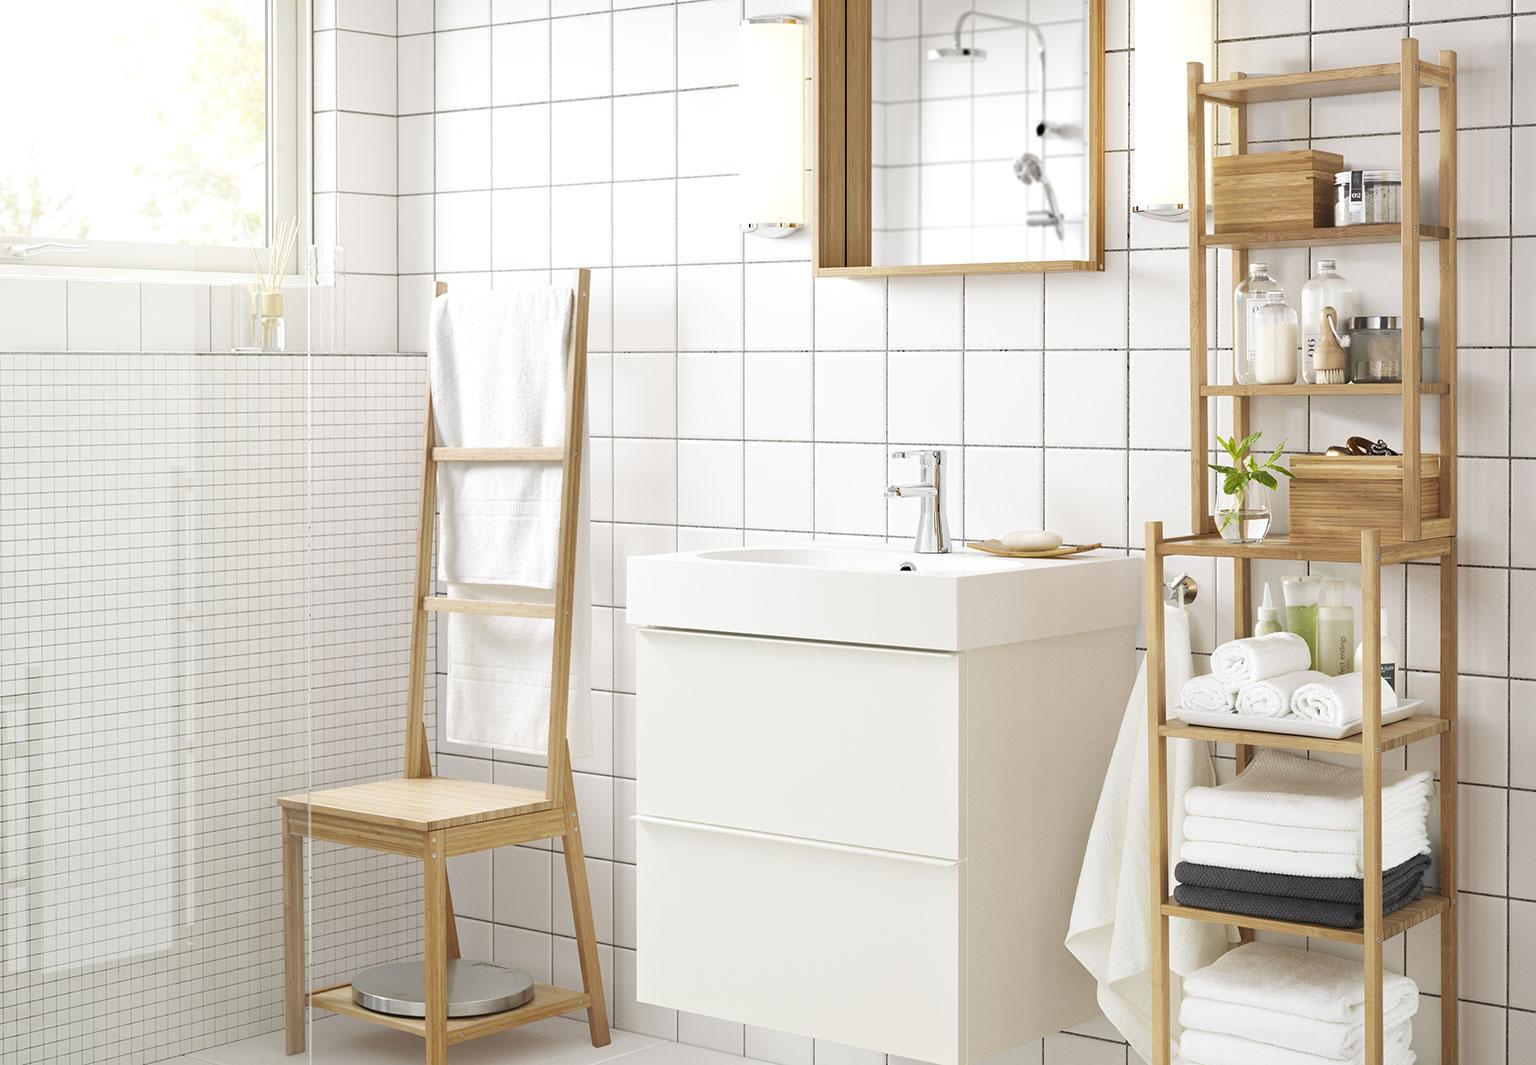 tout pour une salle de bains ikea femme actuelle